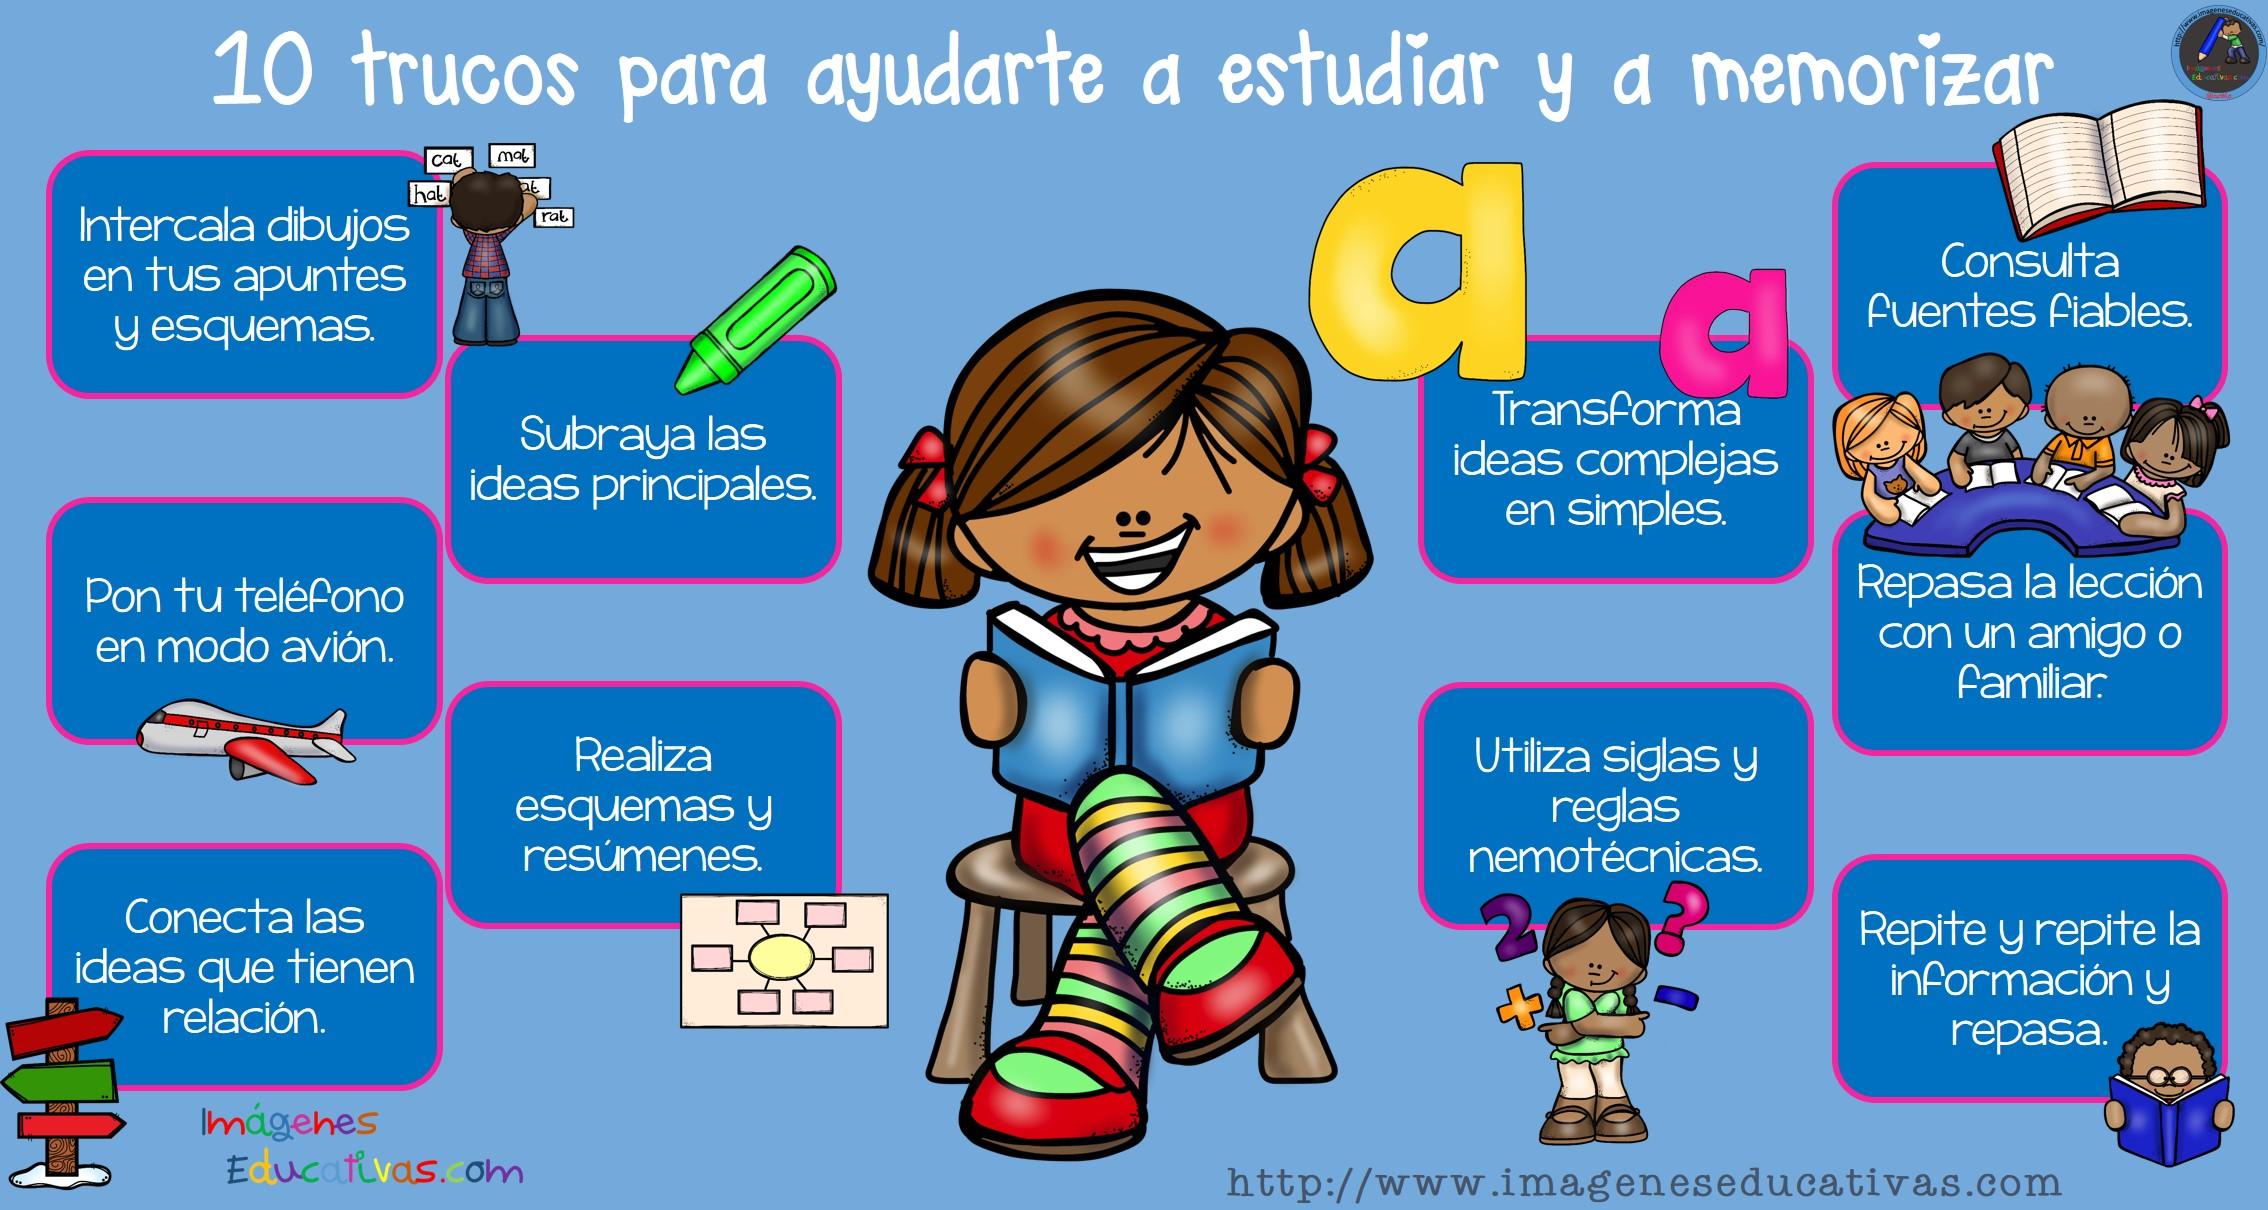 10 Trucos Para Ayudarte A Estudiar Y A Memorizar (1)  Imagenes Educativas